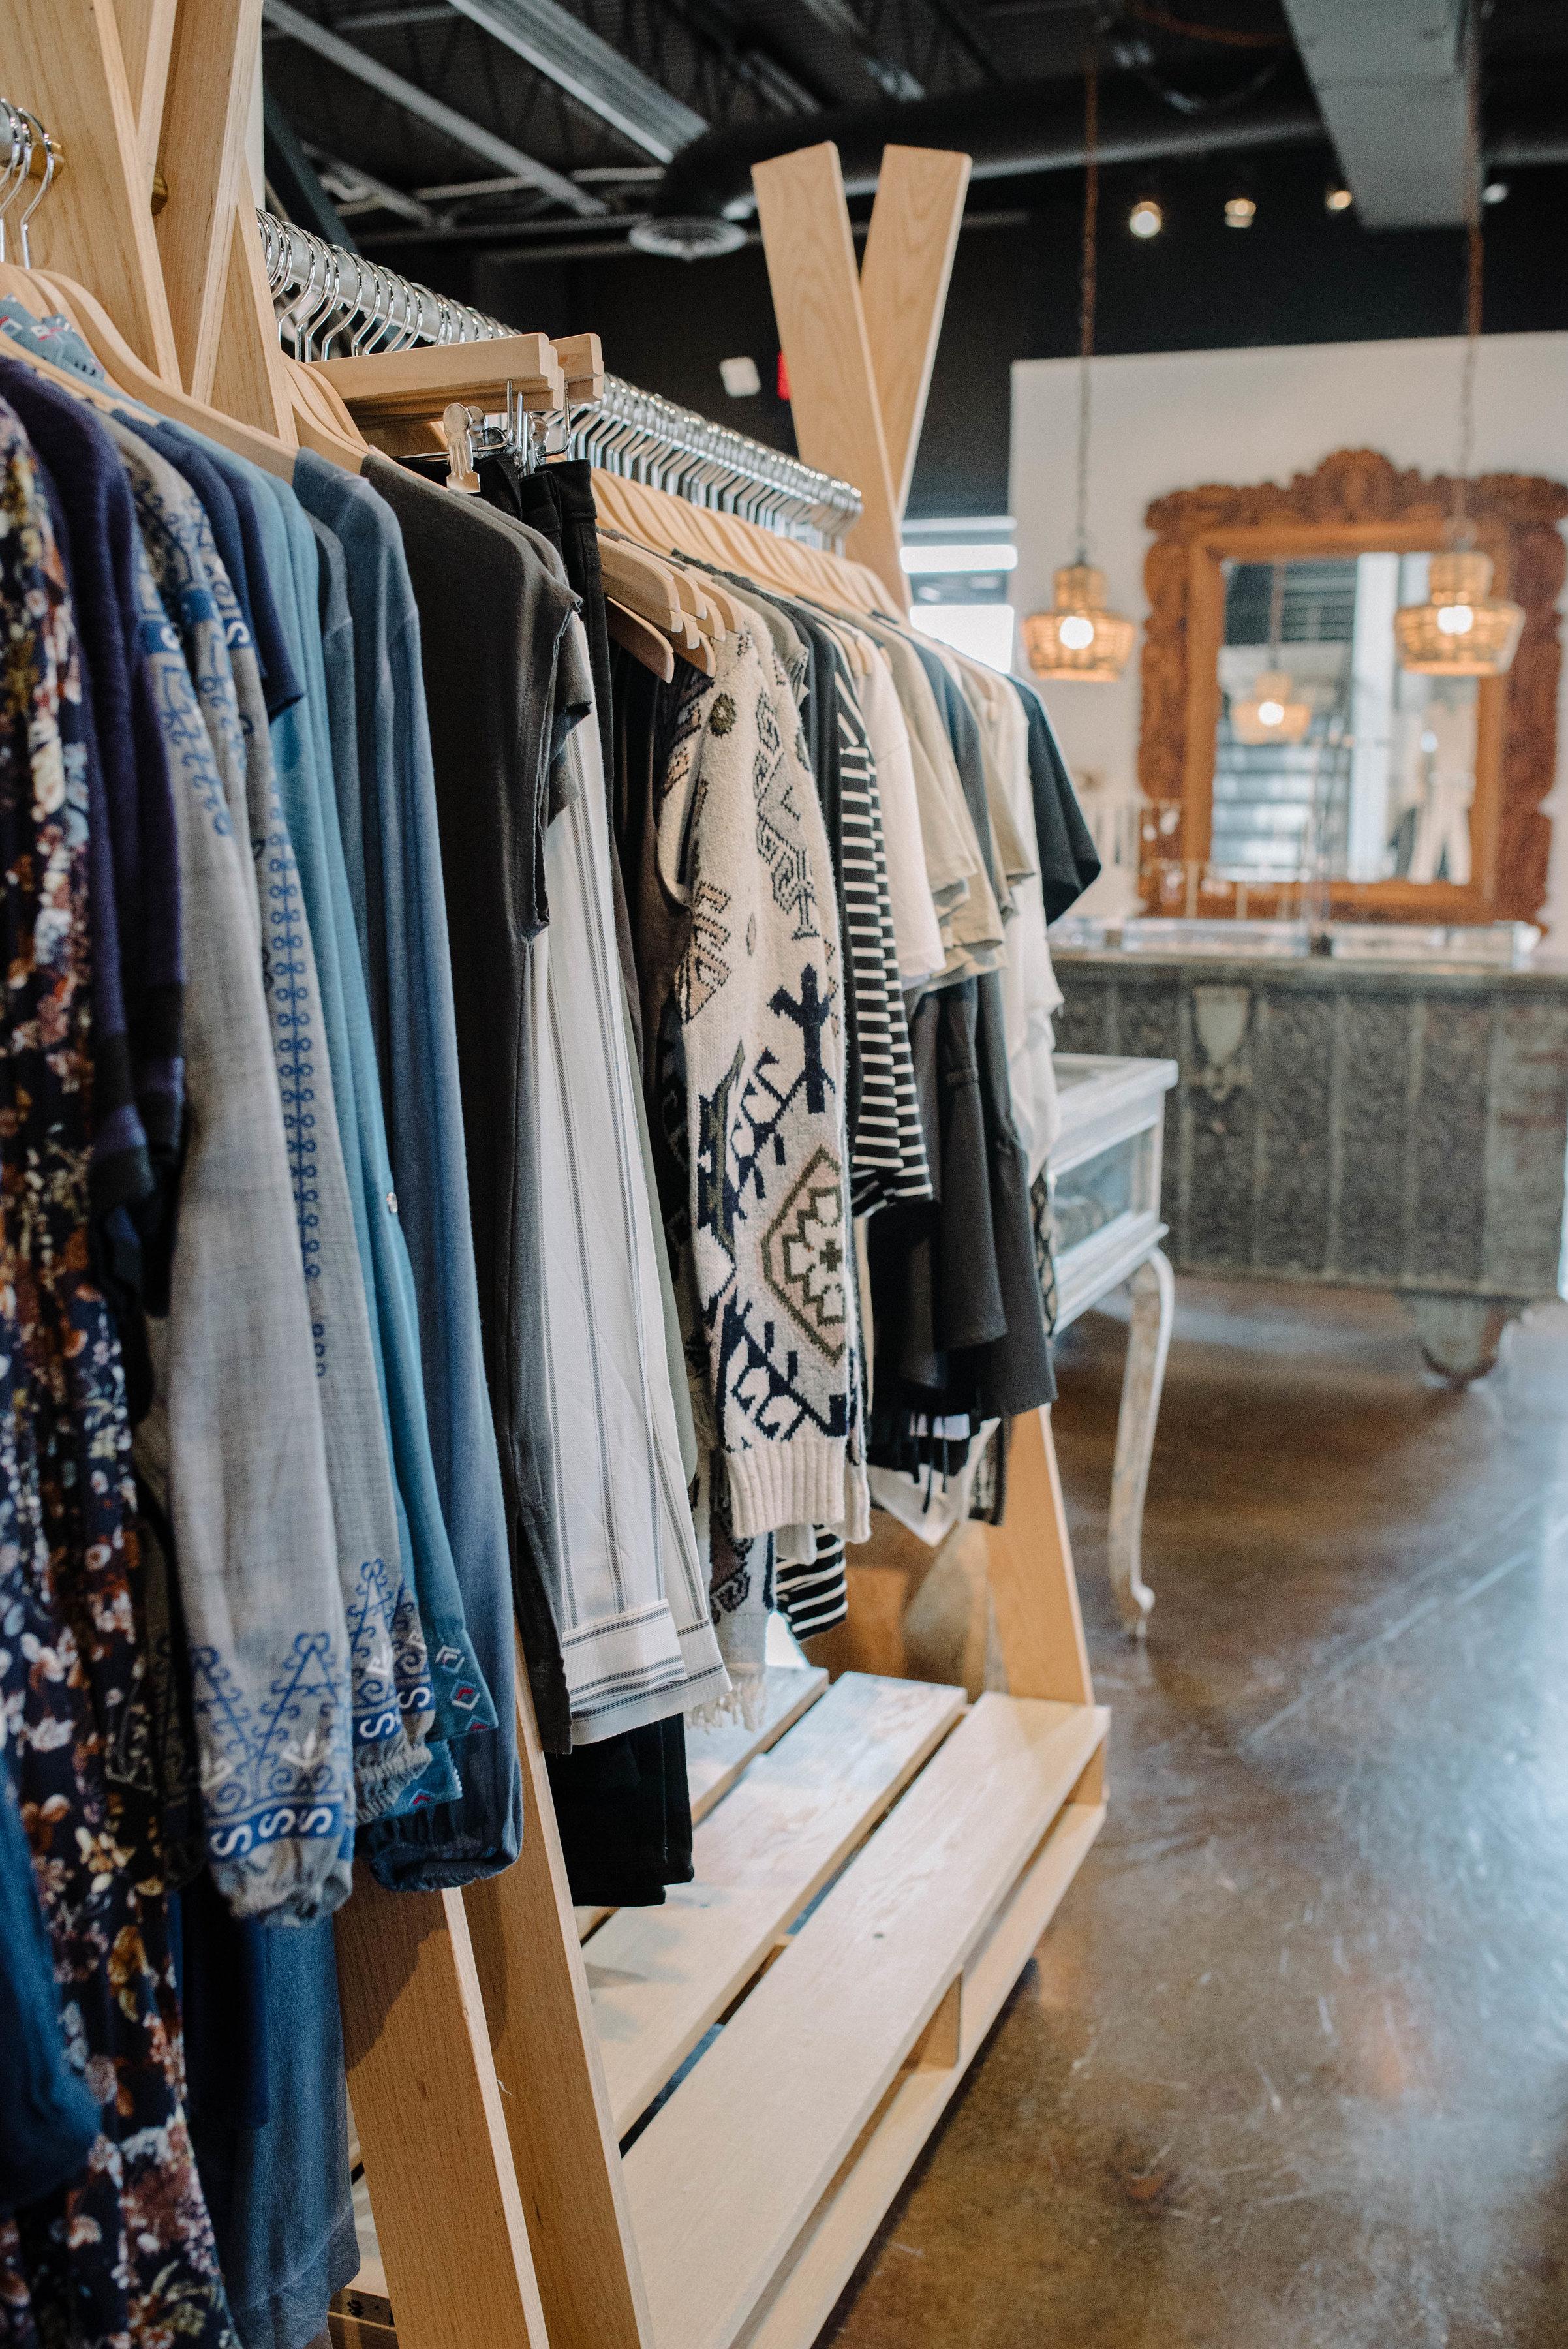 Vignette Boutique. Womens clothing rack.